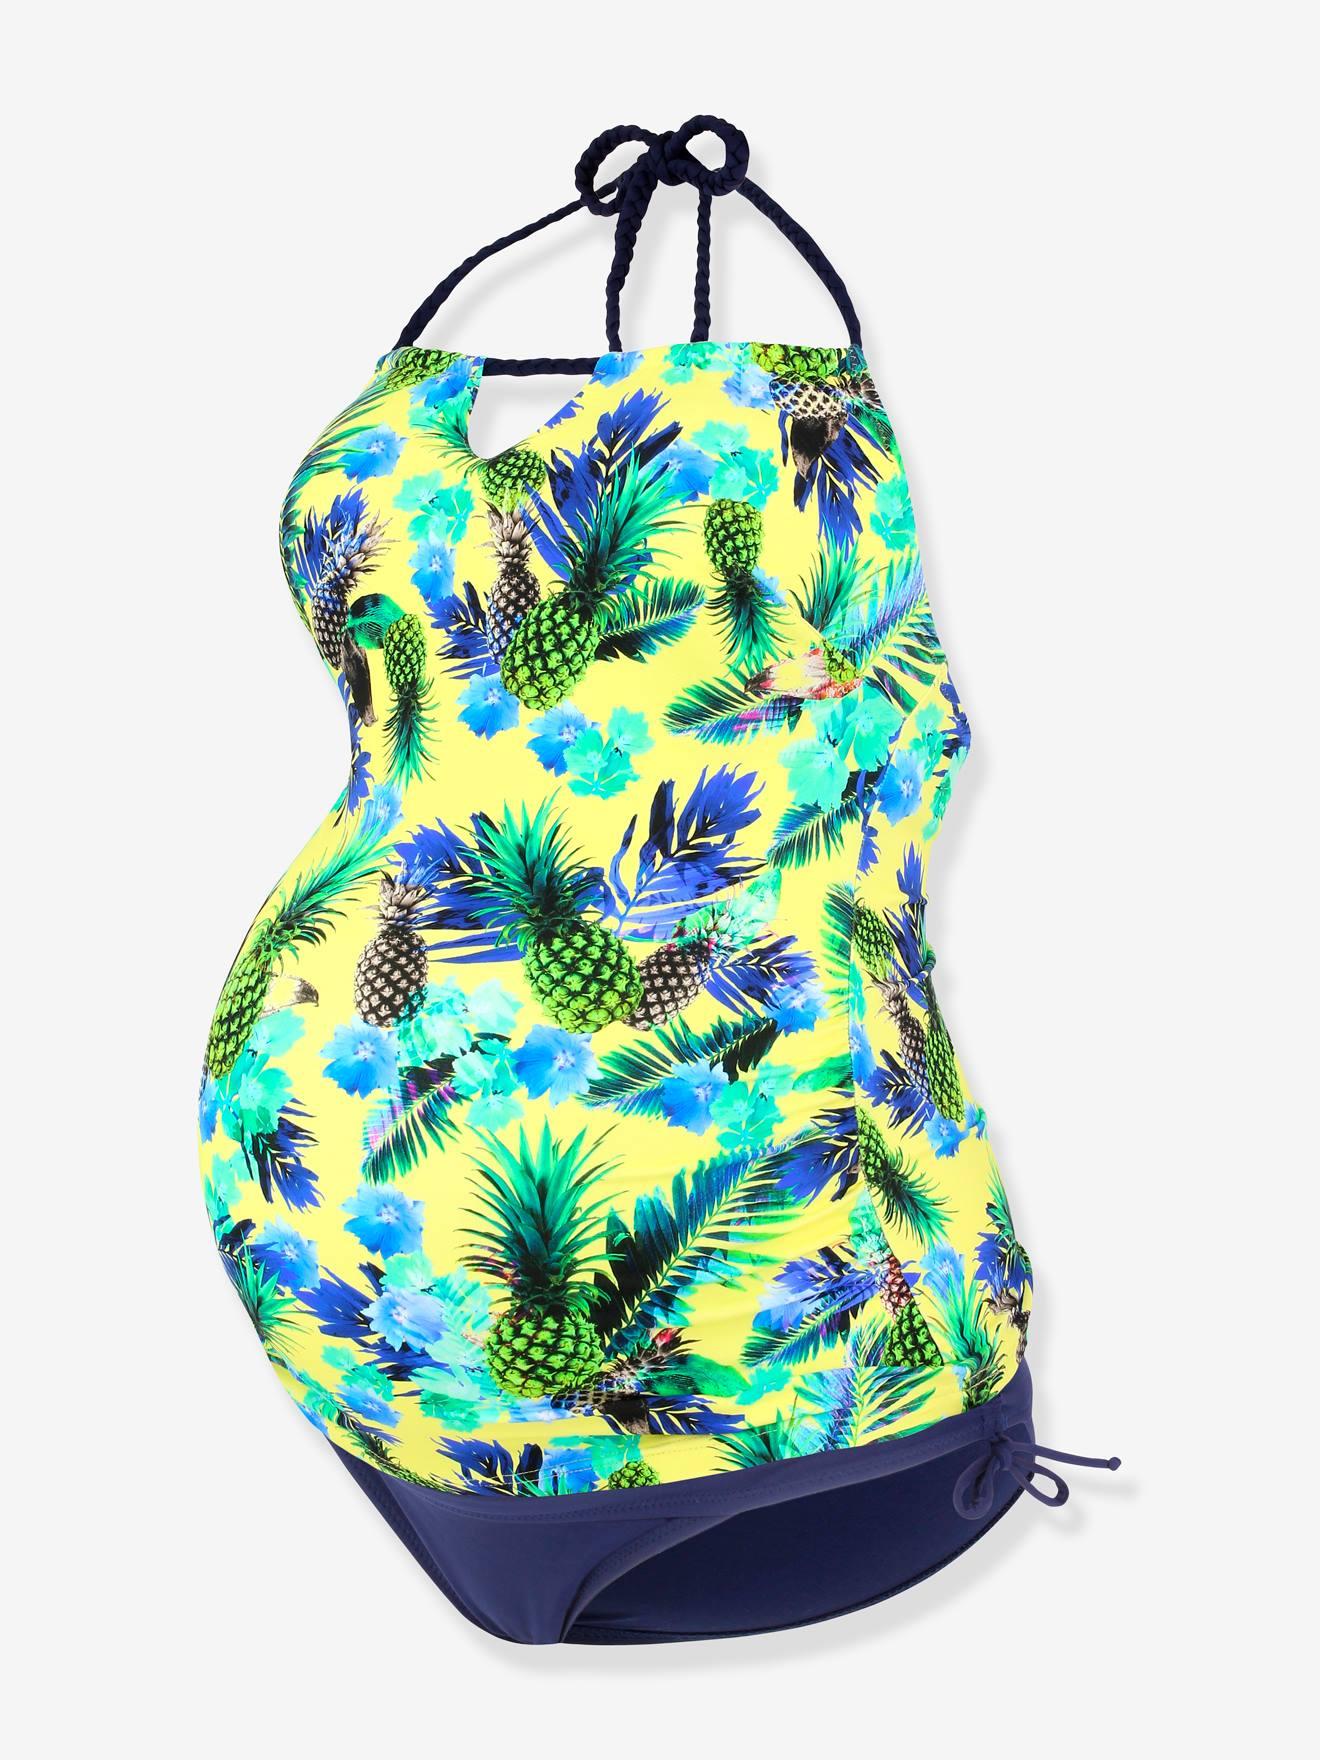 CACHE COEUR - Biquíni modelo tanquíni para grávida, Aloha da CACHE COEUR amarelo escuro estampado